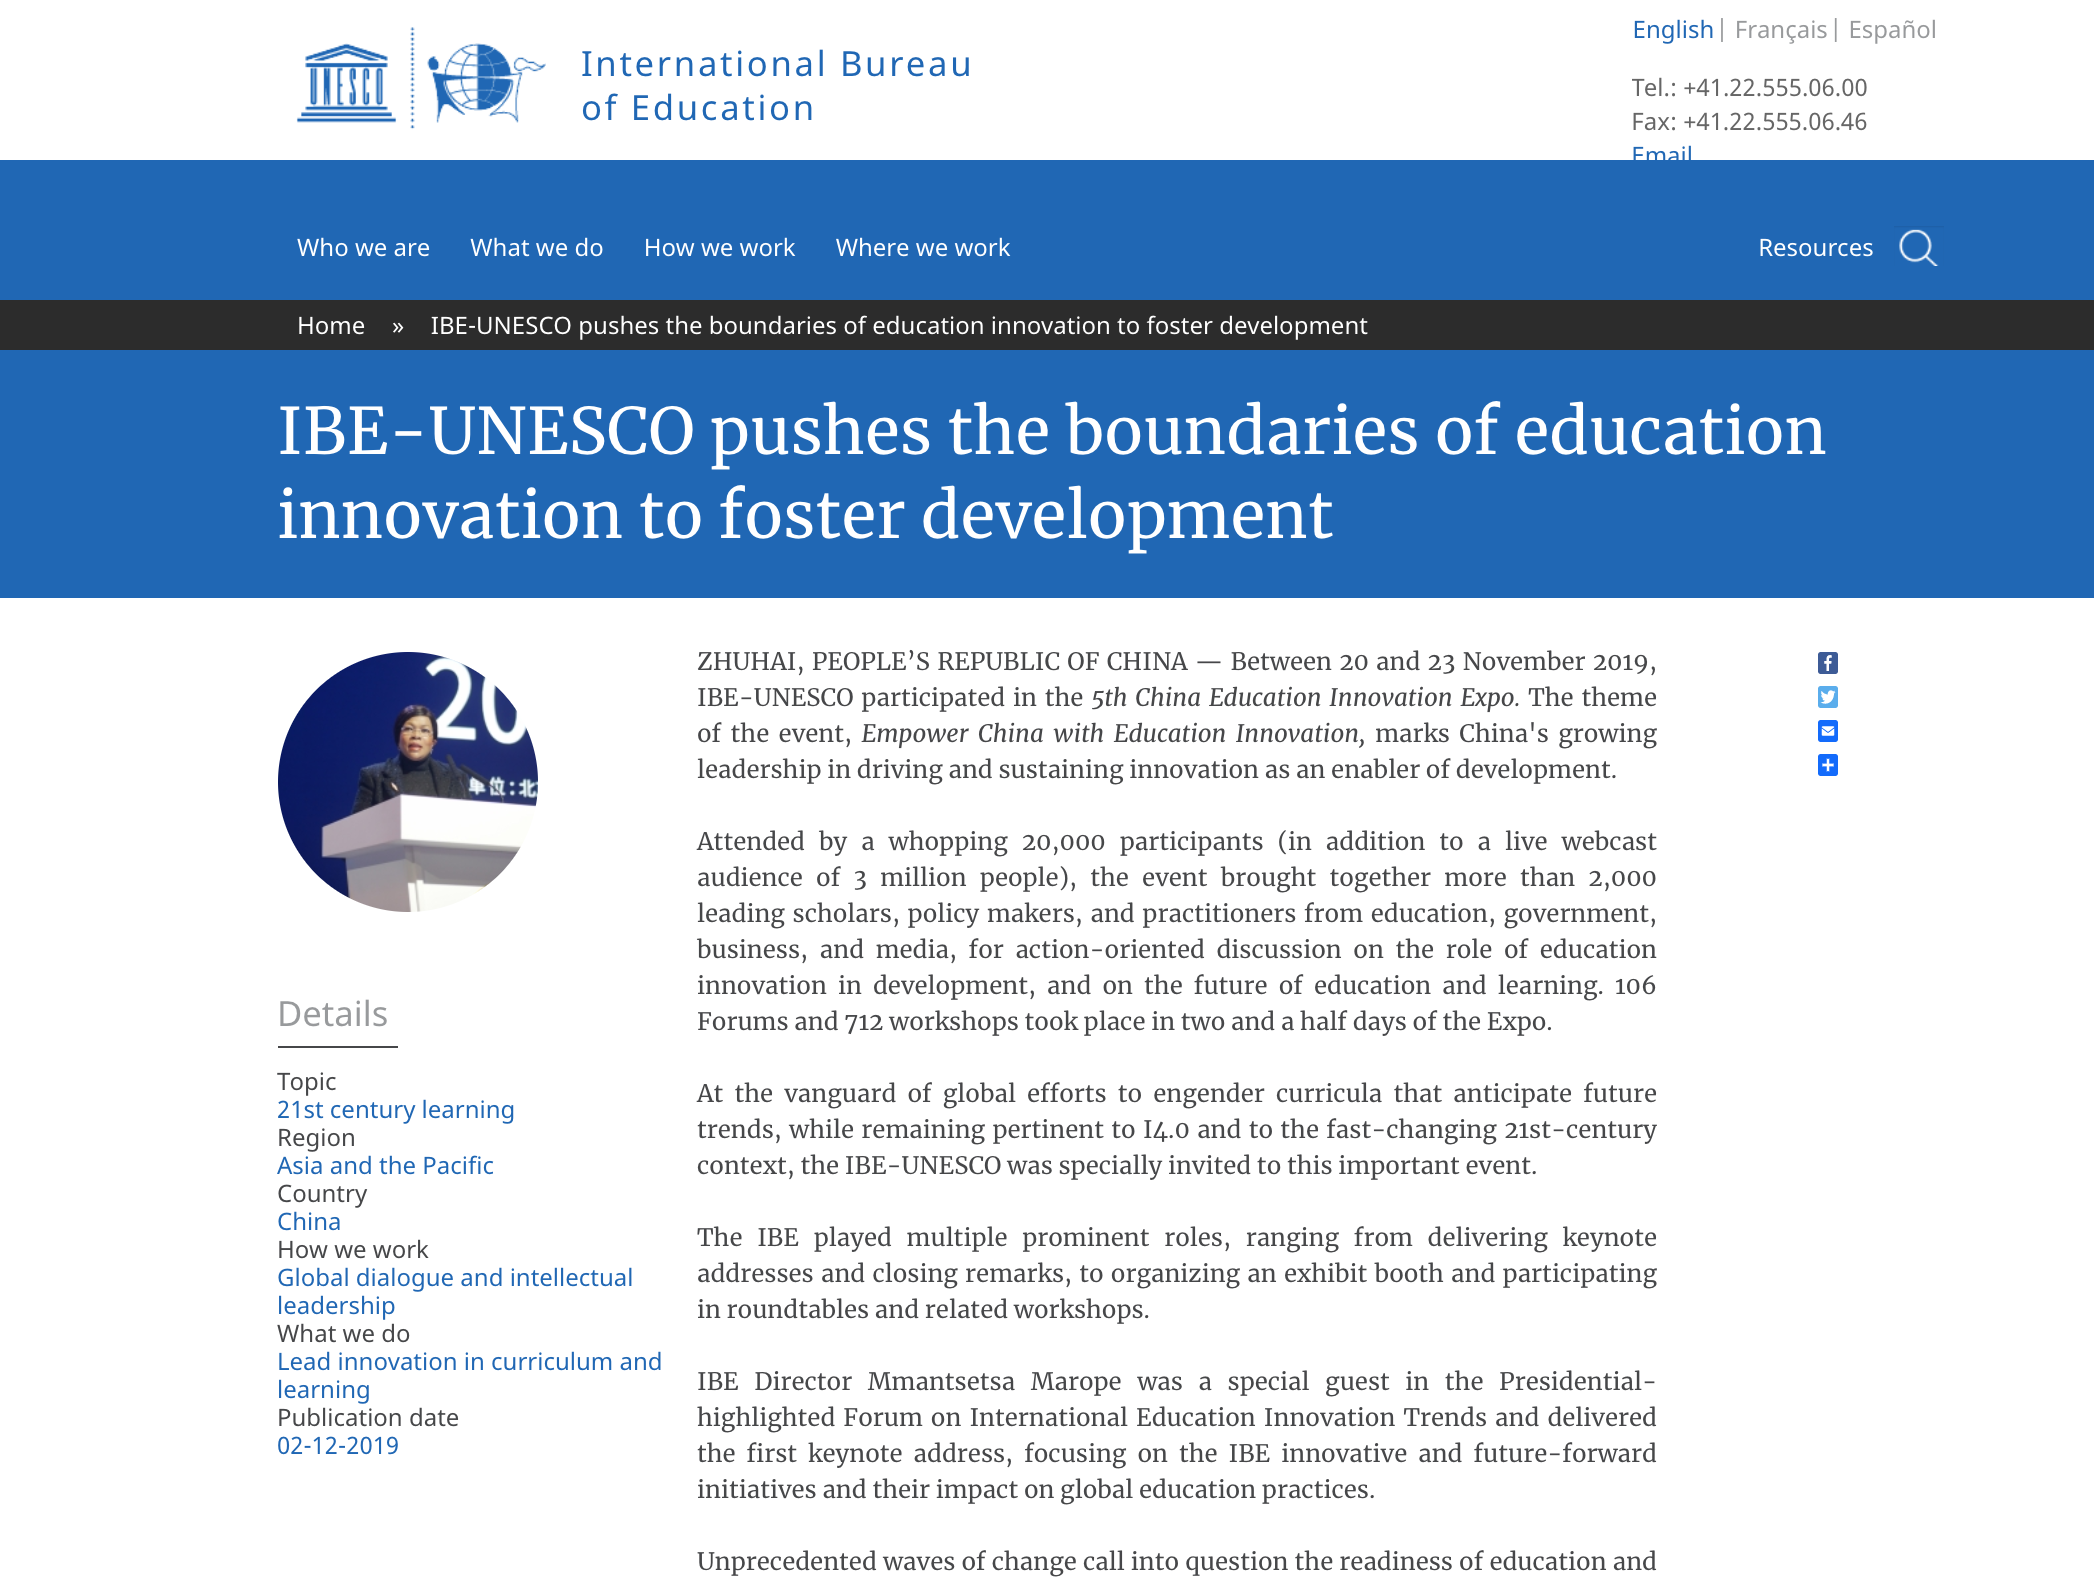 第五届中国教育创新成果公益博览会登上联合国教科文组织官网